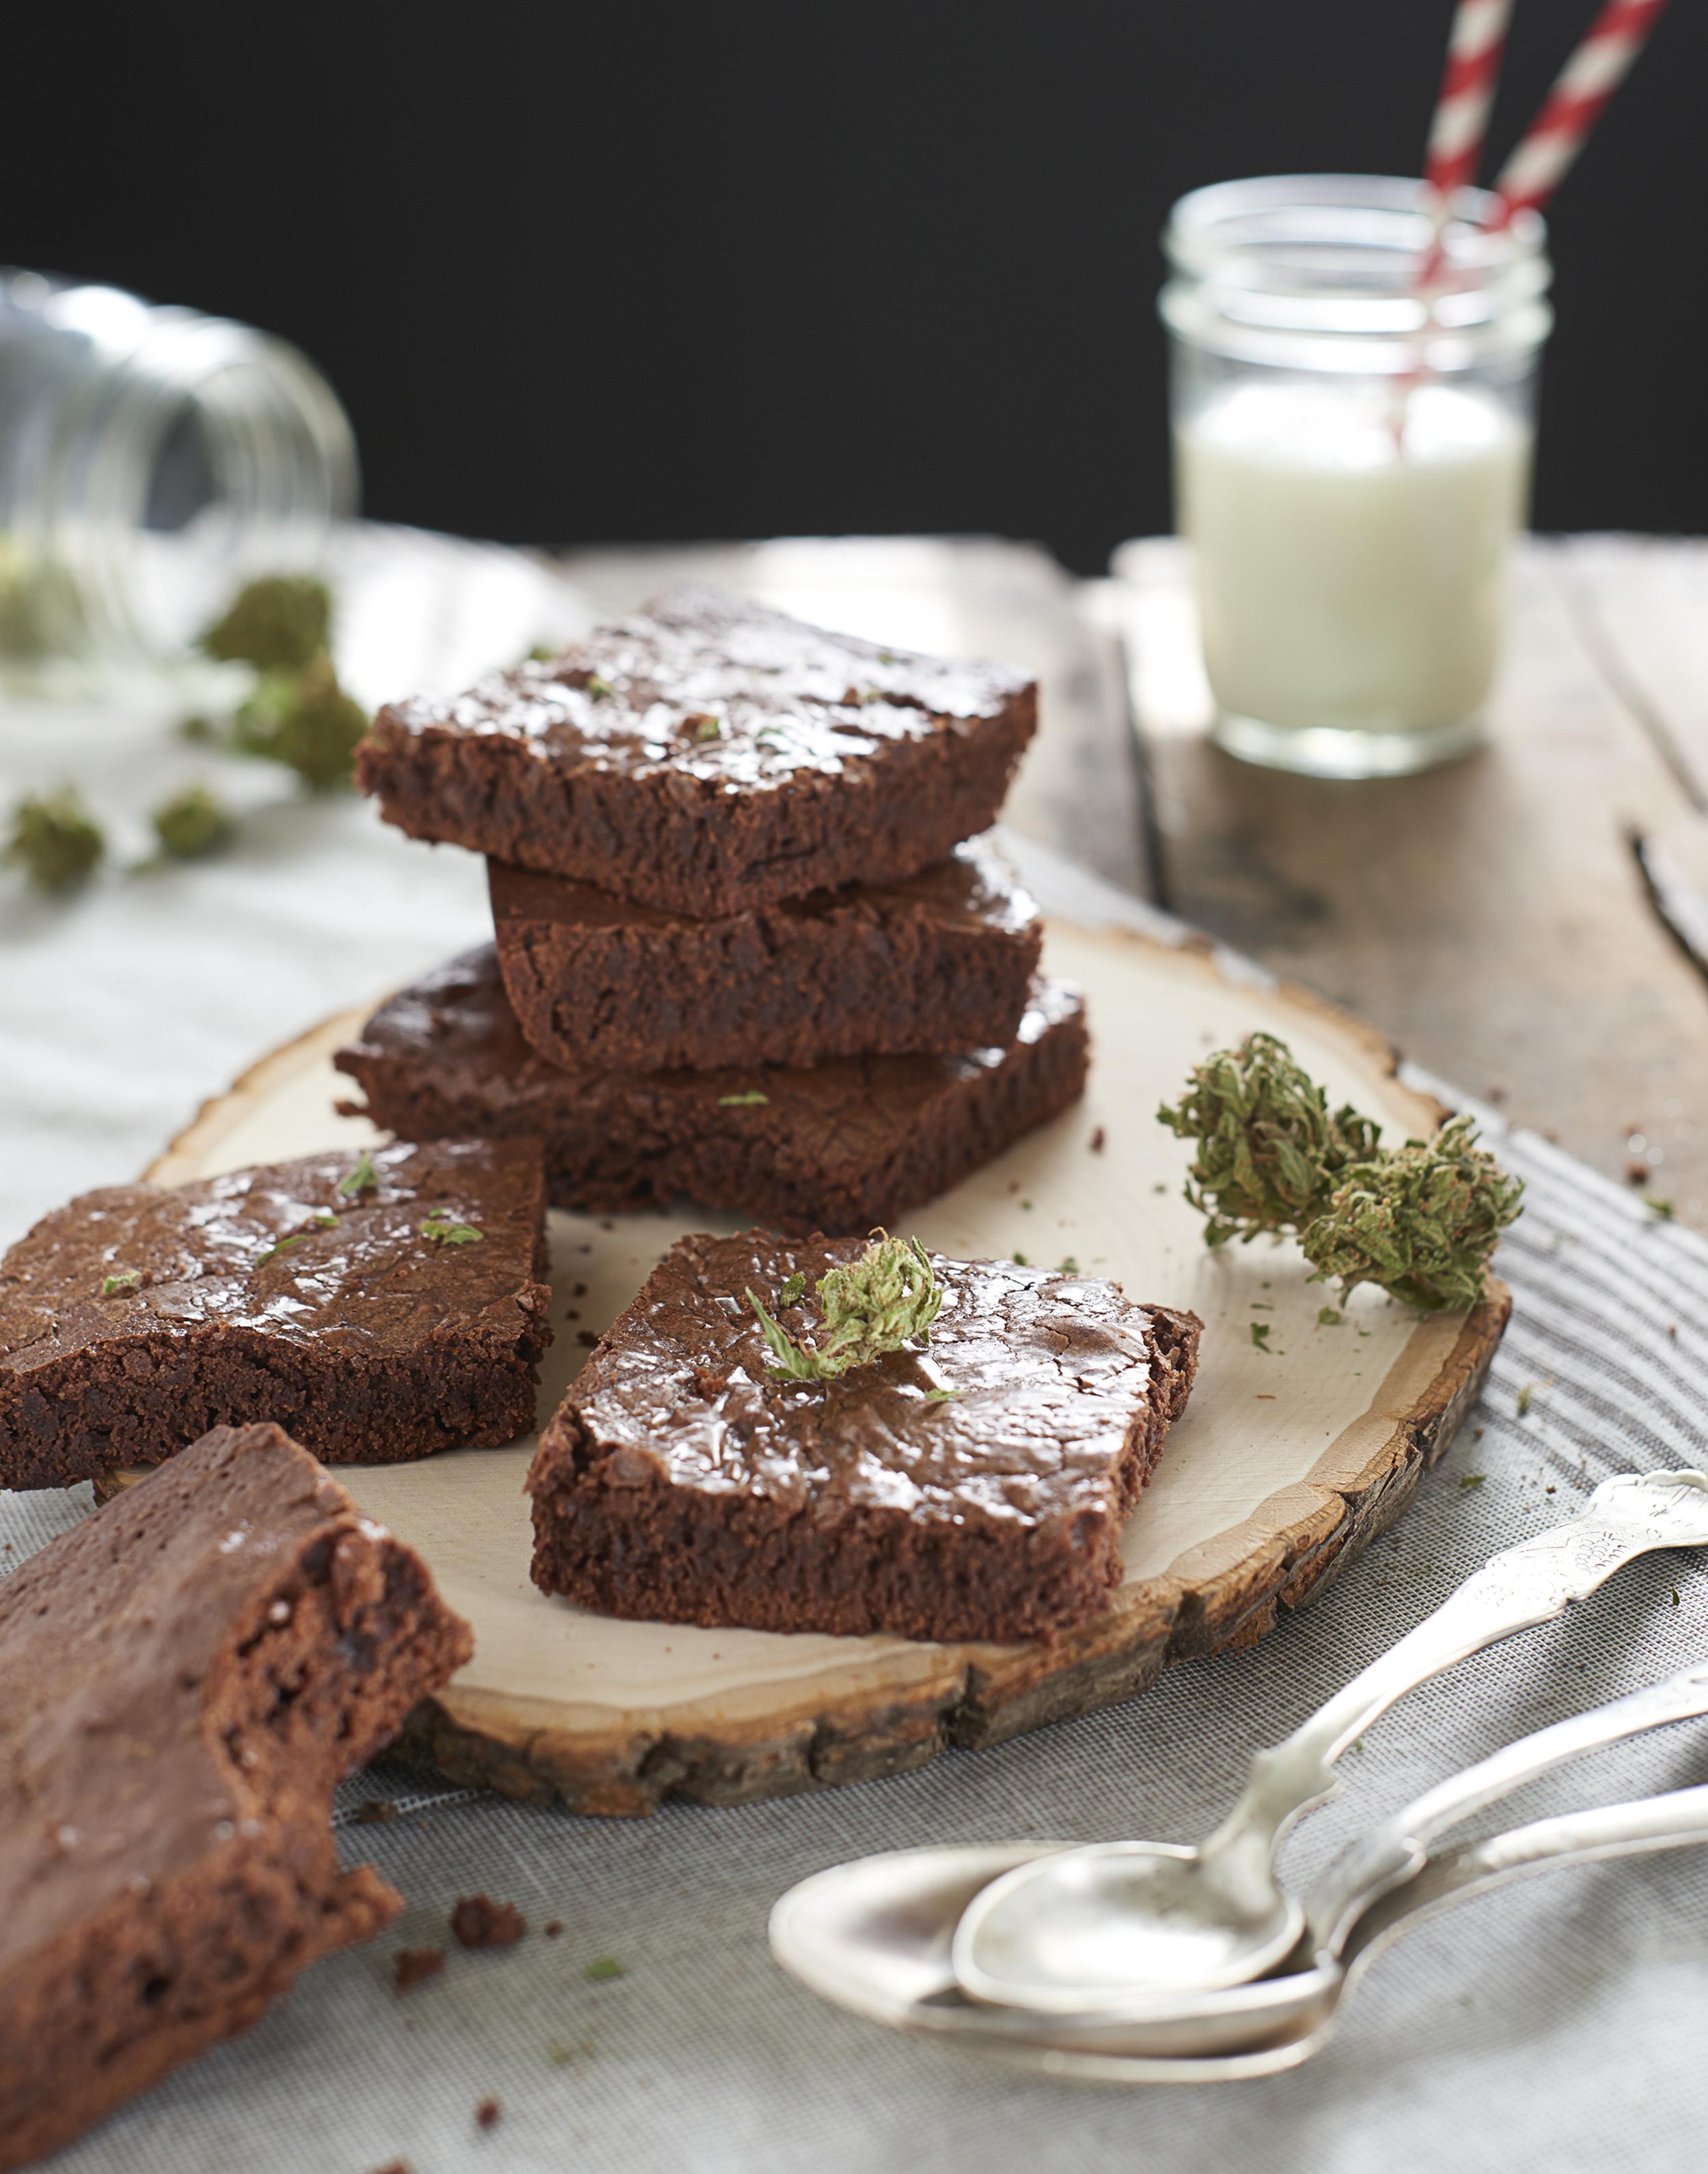 Edibles Chocolate Brownies Marijuana